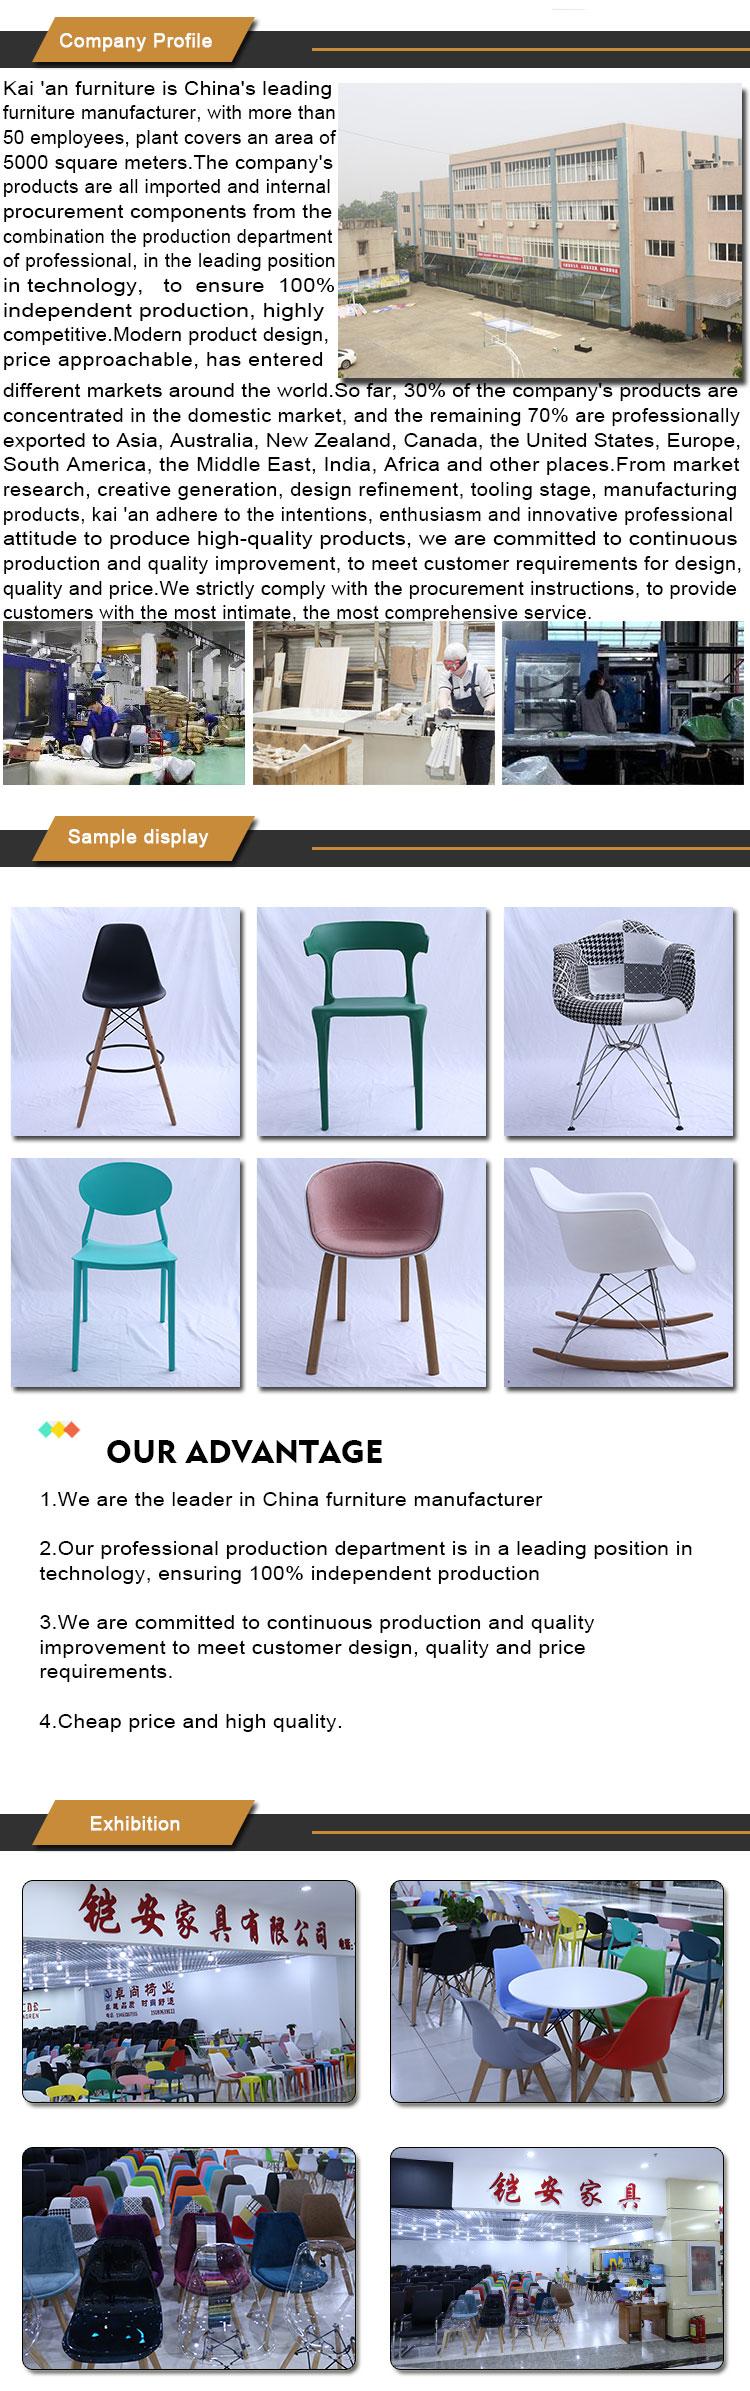 designer scandinavian dining chair grey knocker oak legs living room furniture polypropylene modern chairs